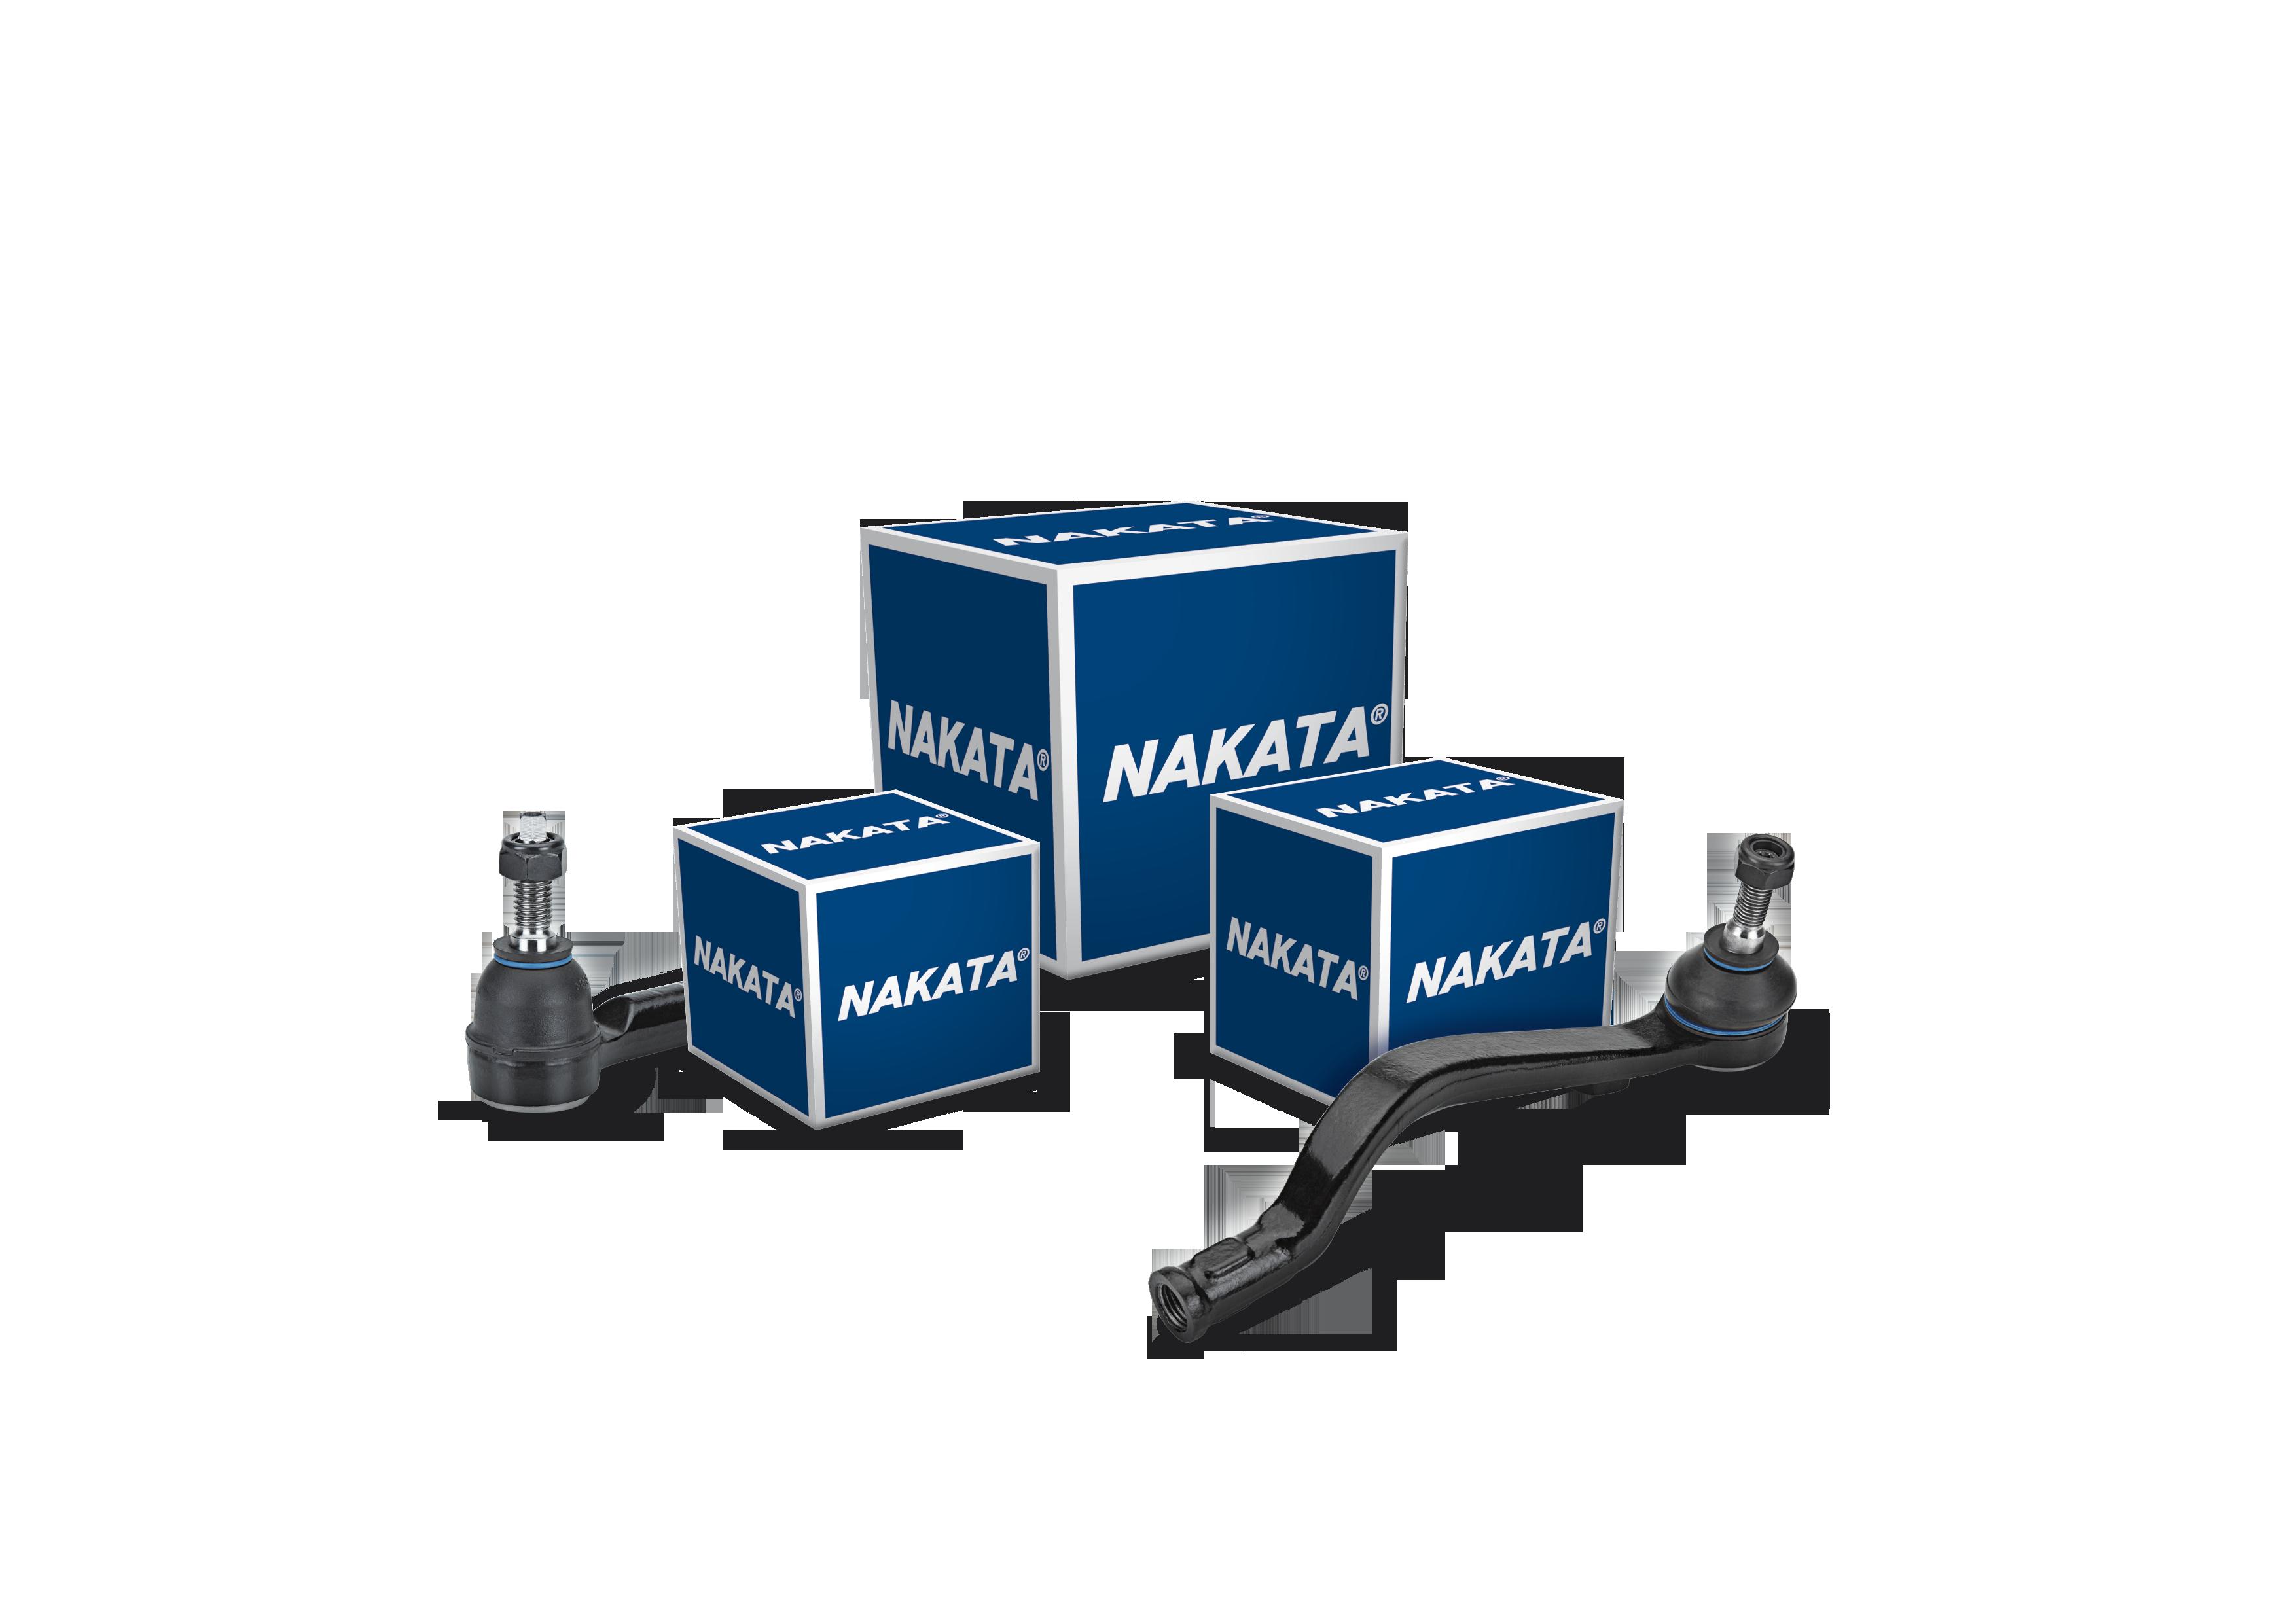 Nakata lança terminais de direção para veículos da Fiat, Honda, Nissan e Jeep